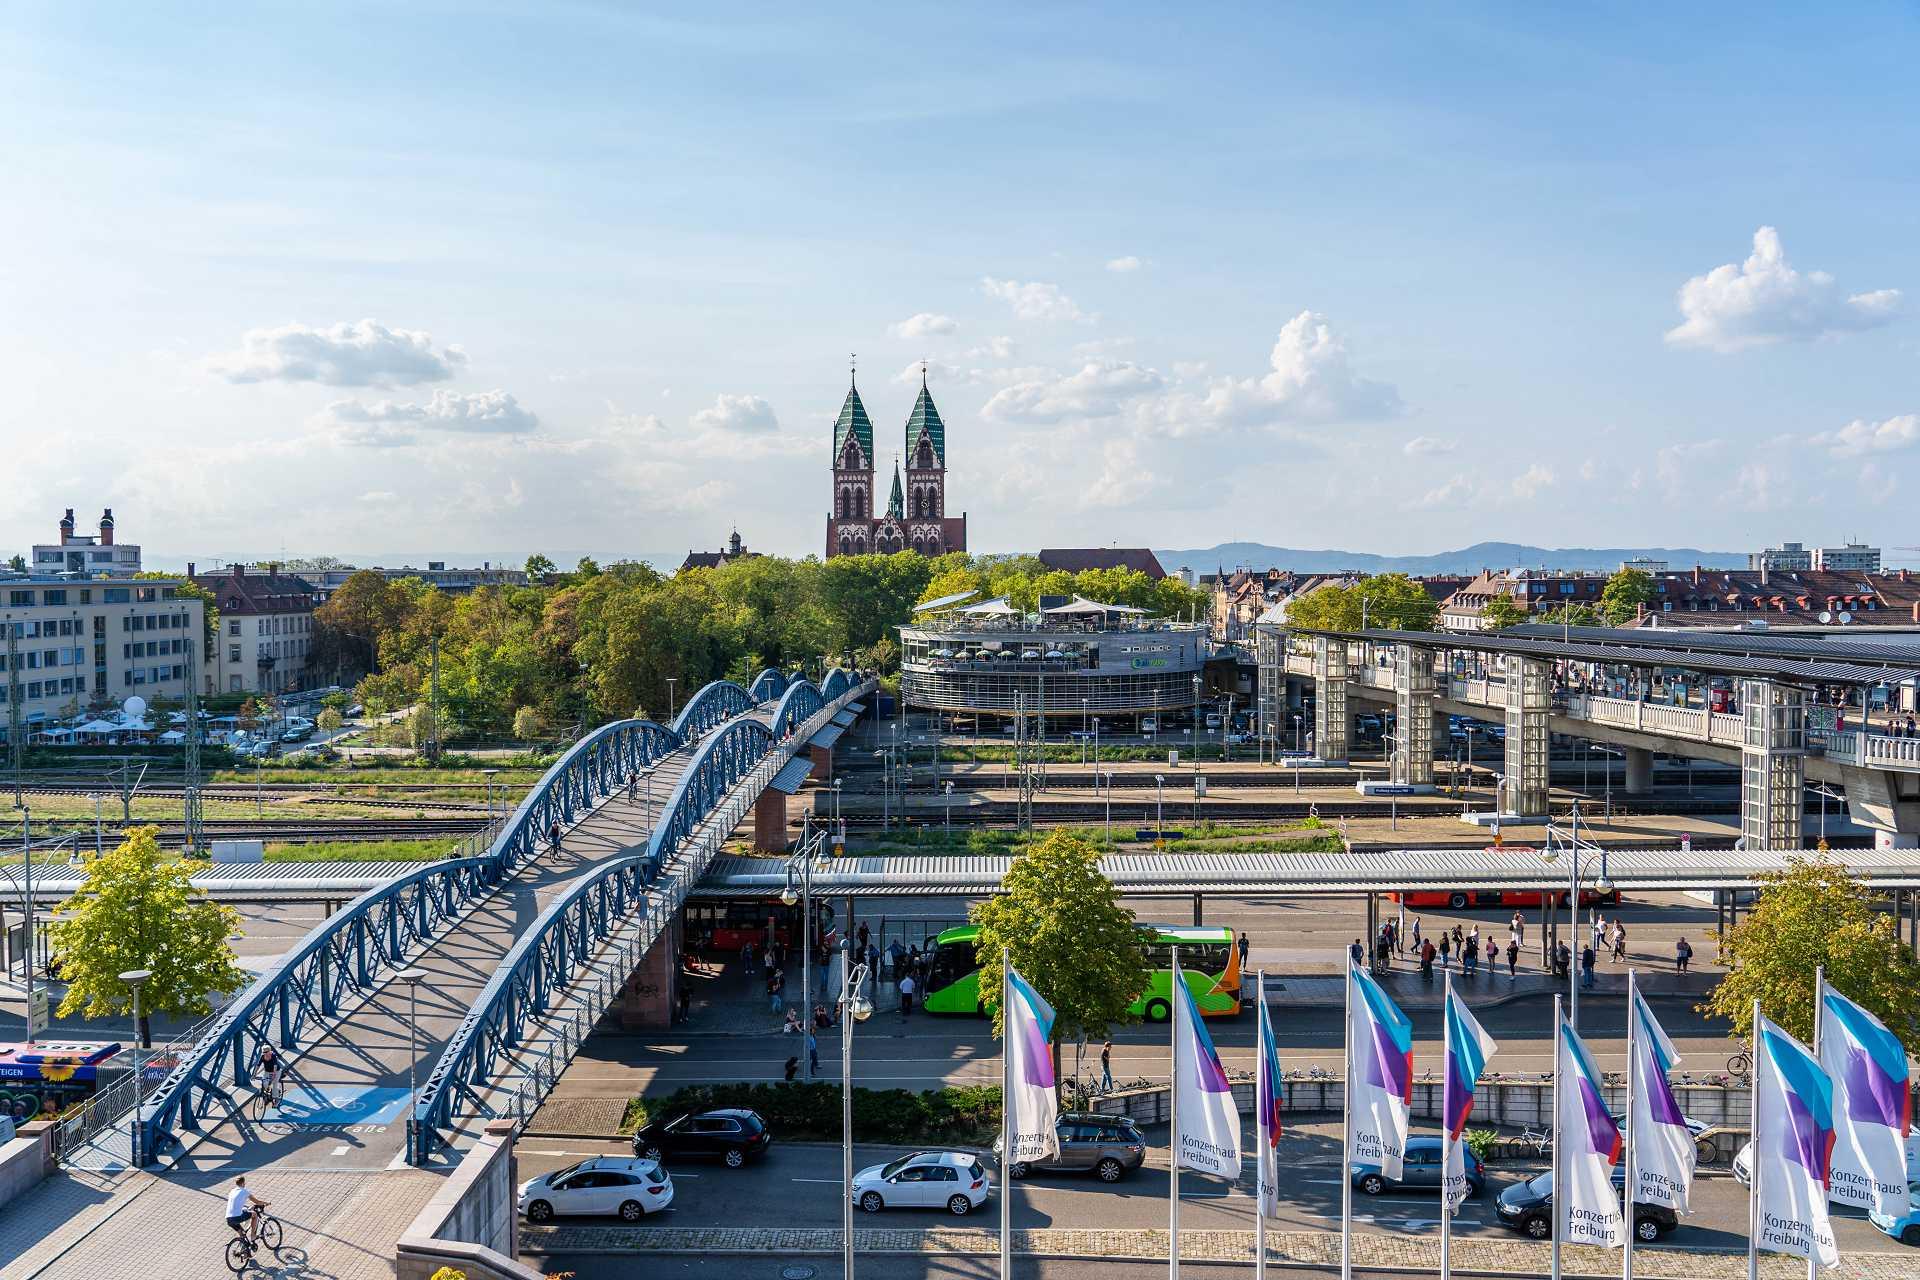 Blick auf Wiwílibrücke, Herz-Jesu-Kirche und Hauptbahnhof mit wehenden Fahnen in Freiburg | Kongressstadt Freiburg